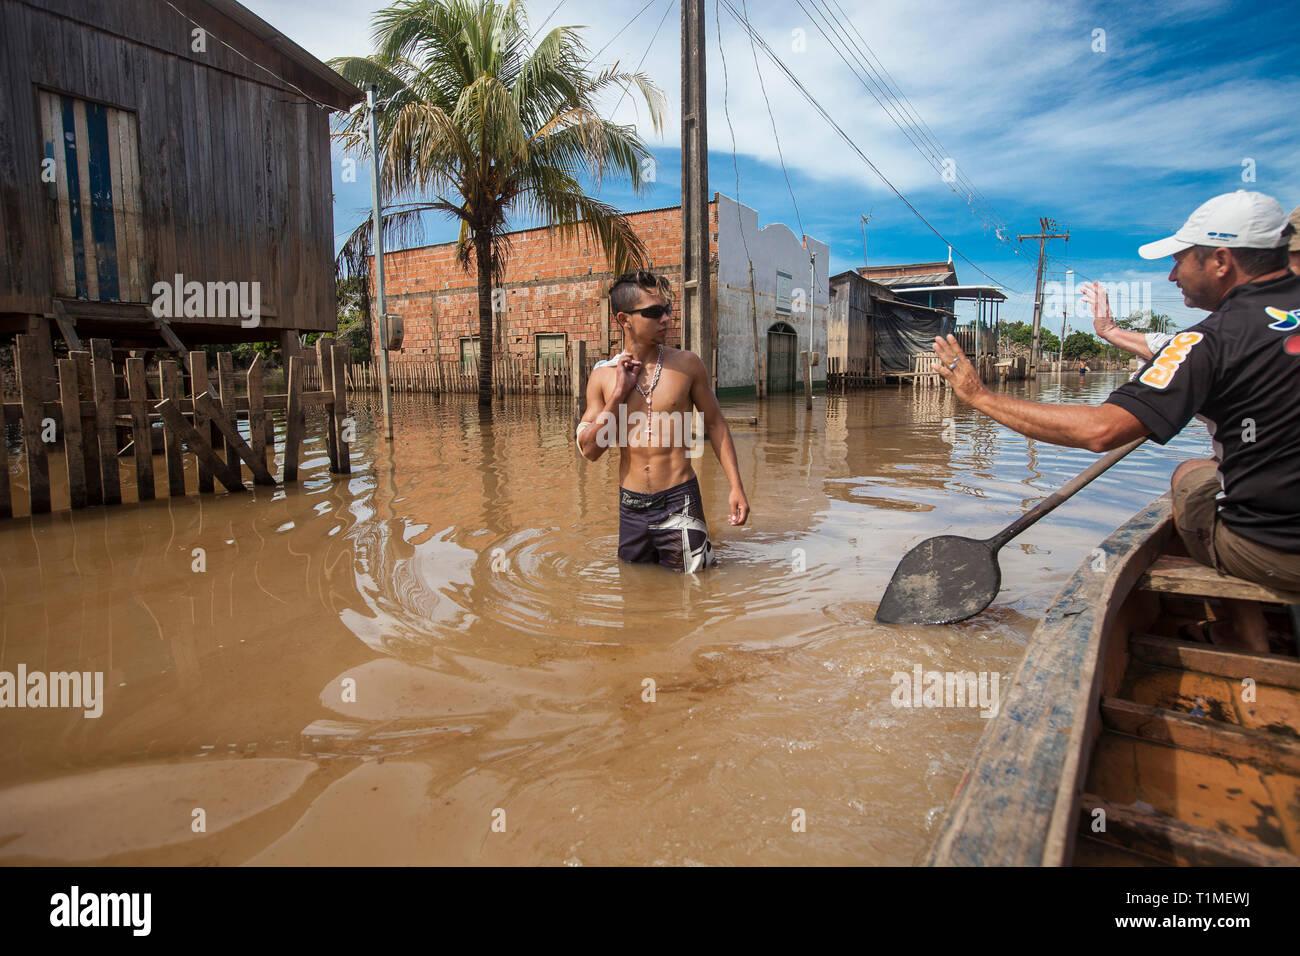 Las inundaciones de 2015 en el Amazonas brasileño, Taquari, distrito de la ciudad de Rio Branco, estado de Acre. Las inundaciones han afectado a miles de personas en el estado de Acre, al norte de Brasil, desde el 23 de febrero de 2015, cuando algunos de los ríos del estado, en particular el río Acre, desbordado. Nuevas lluvias ha obligado a los niveles de los ríos aún mayor, y el 03 de marzo de 2015 el gobierno federal de Brasil declaró un estado de emergencia en el estado de Acre, donde la actual situación de inundaciones ha sido descrita como la peor en 132 años. Foto de stock